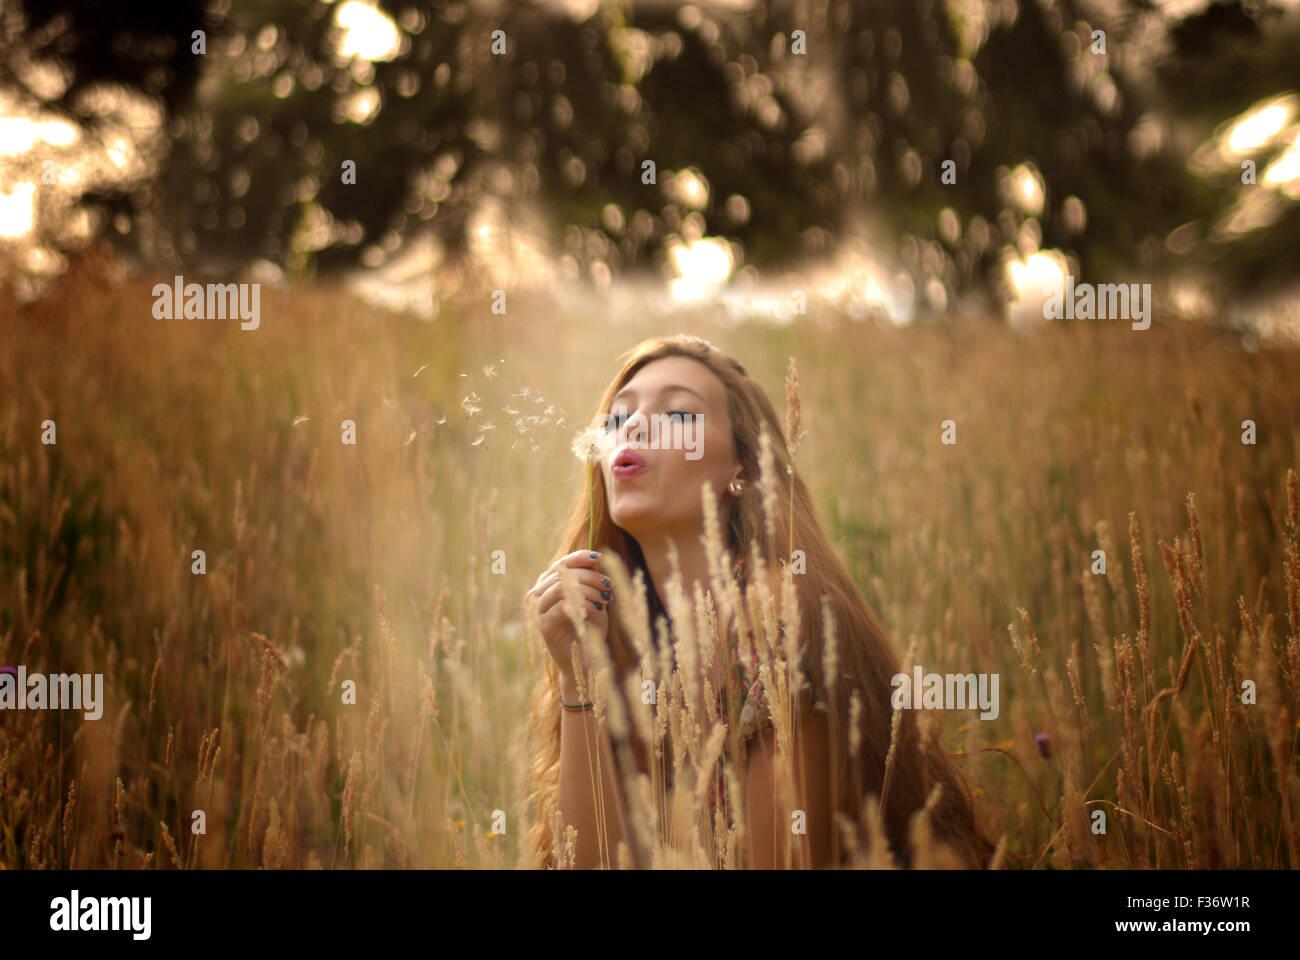 Bella ragazza nei campi soffia un dente di leone Immagini Stock